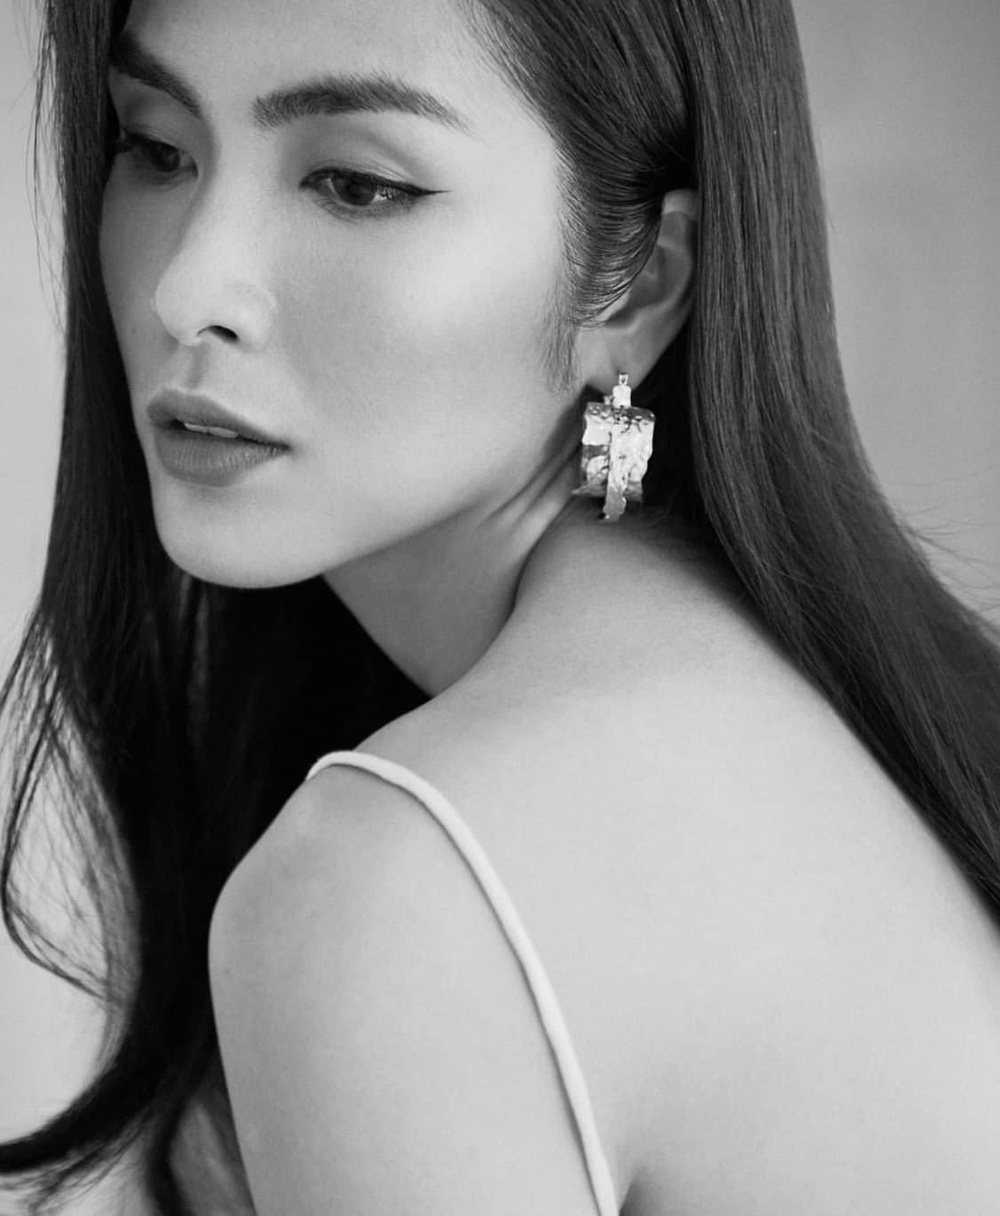 Tăng Thanh Hà khiến fan gục ngã với vẻ đẹp nữ thần trong set đồ trắng kiêu sa Ảnh 2